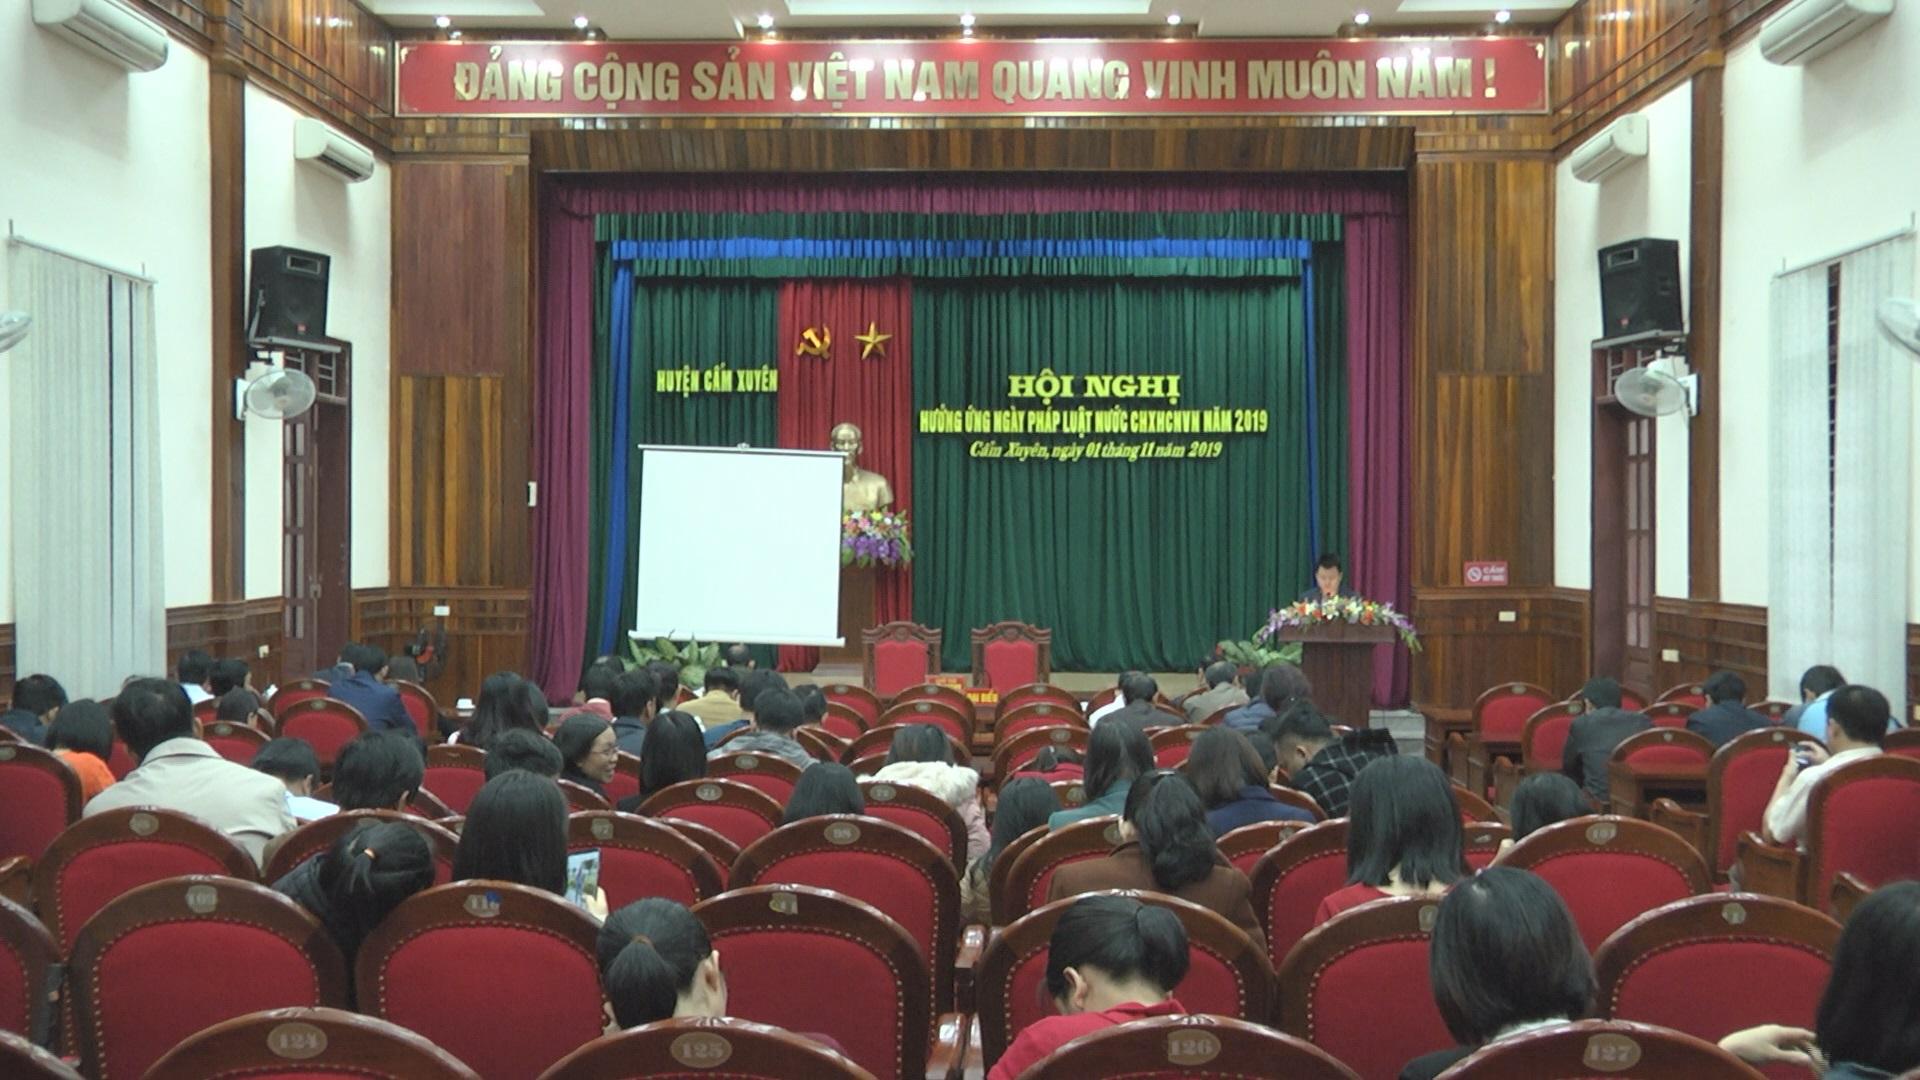 """Hội nghị hưởng ứng """" Ngày Pháp luật nước Cộng hòa xã hội chủ nghĩa Việt Nam"""" năm 2019."""